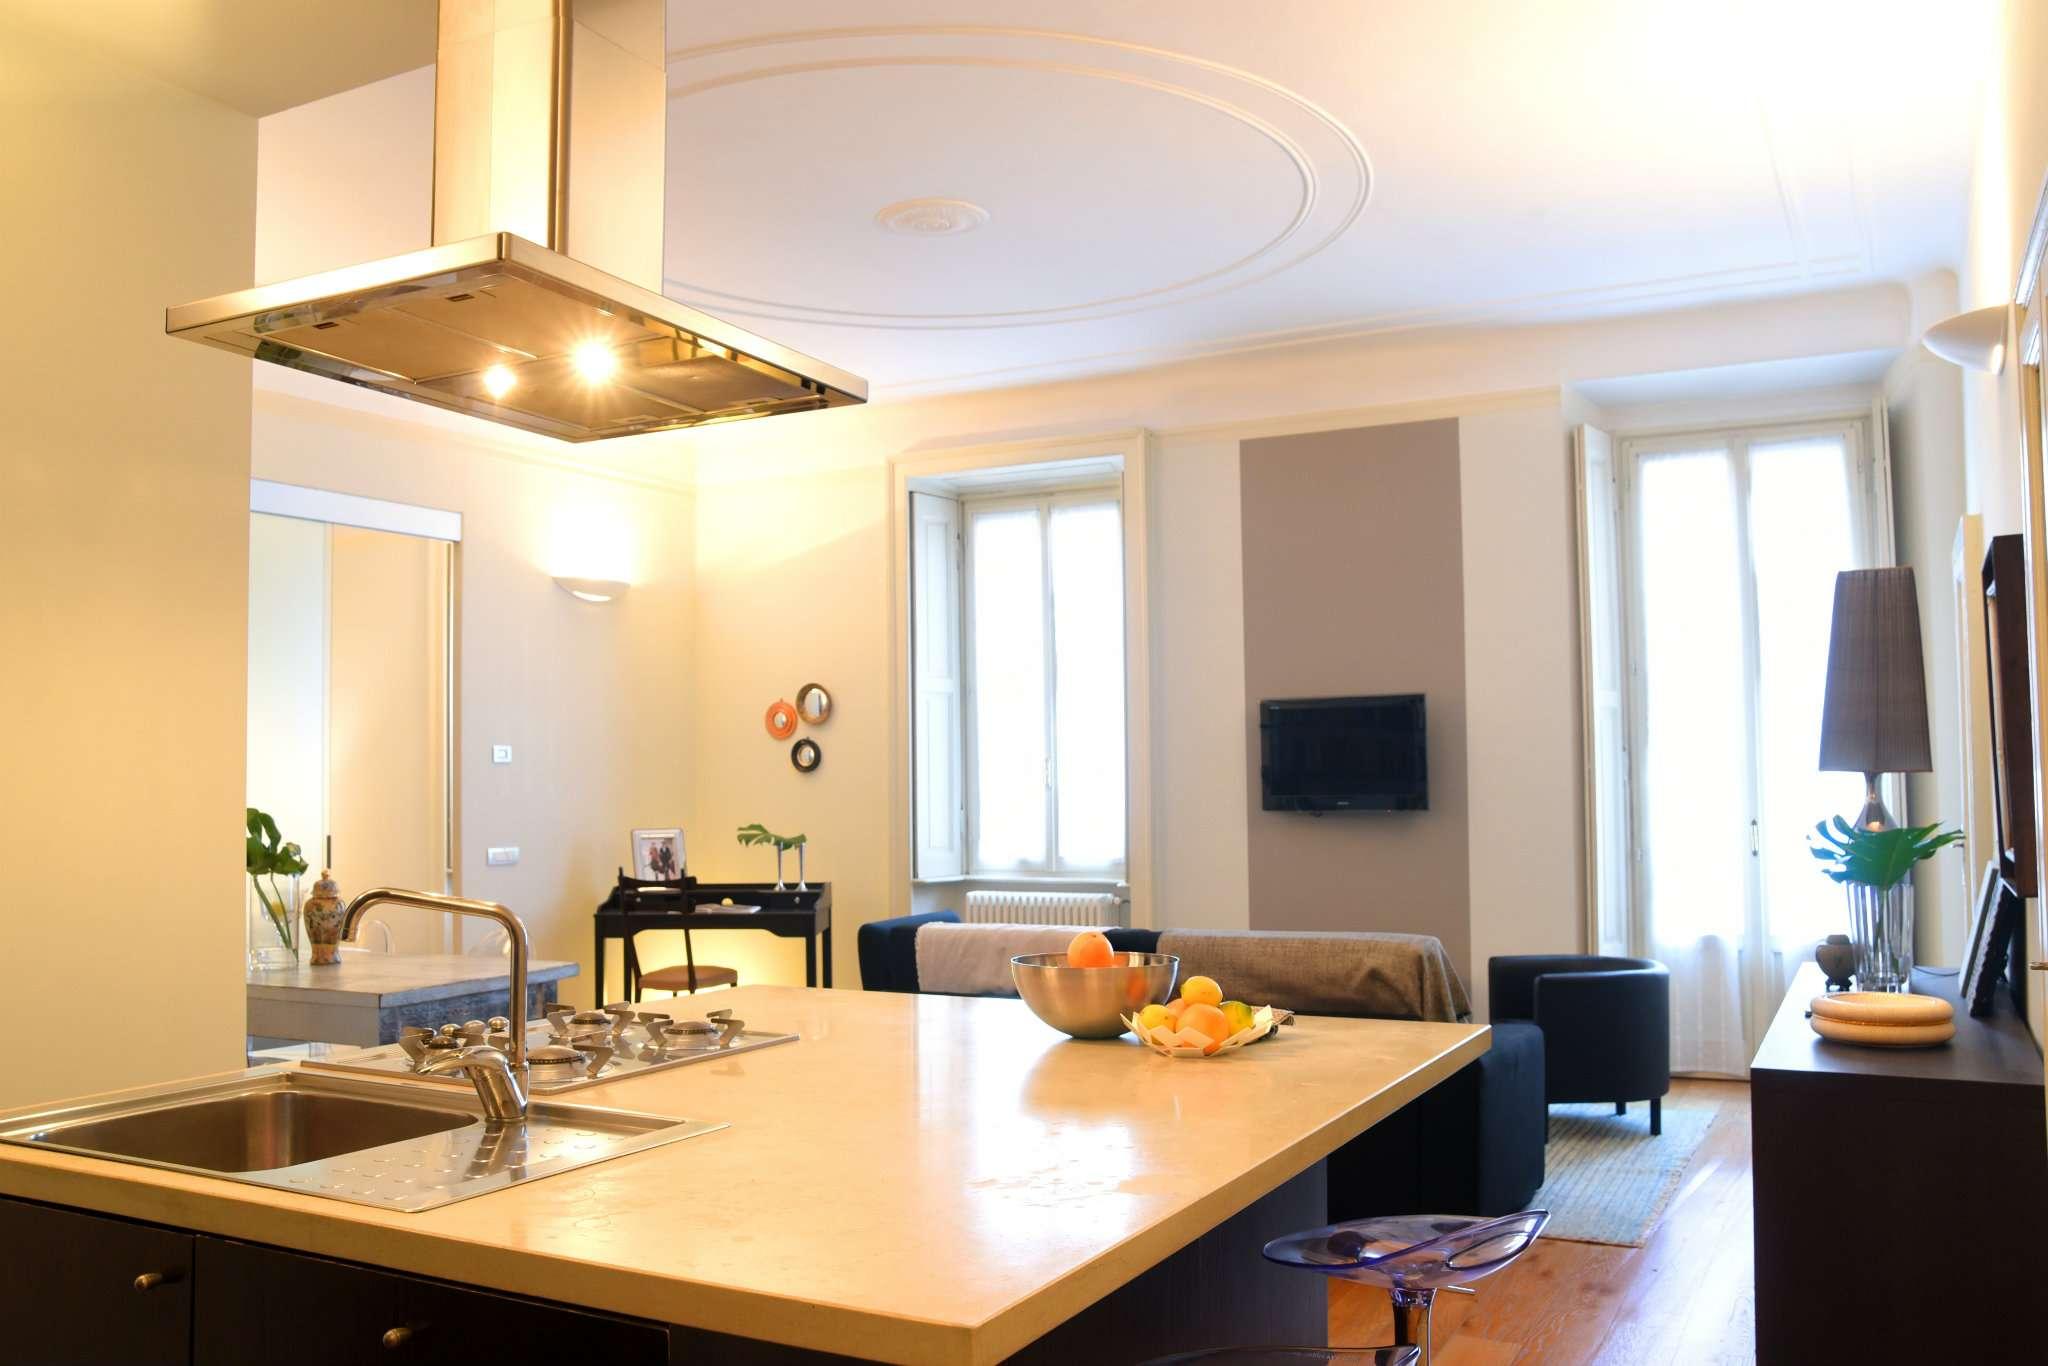 Appartamento in Vendita a Milano 13 Marcona / Montenero / Umbria / Lomellina: 2 locali, 90 mq